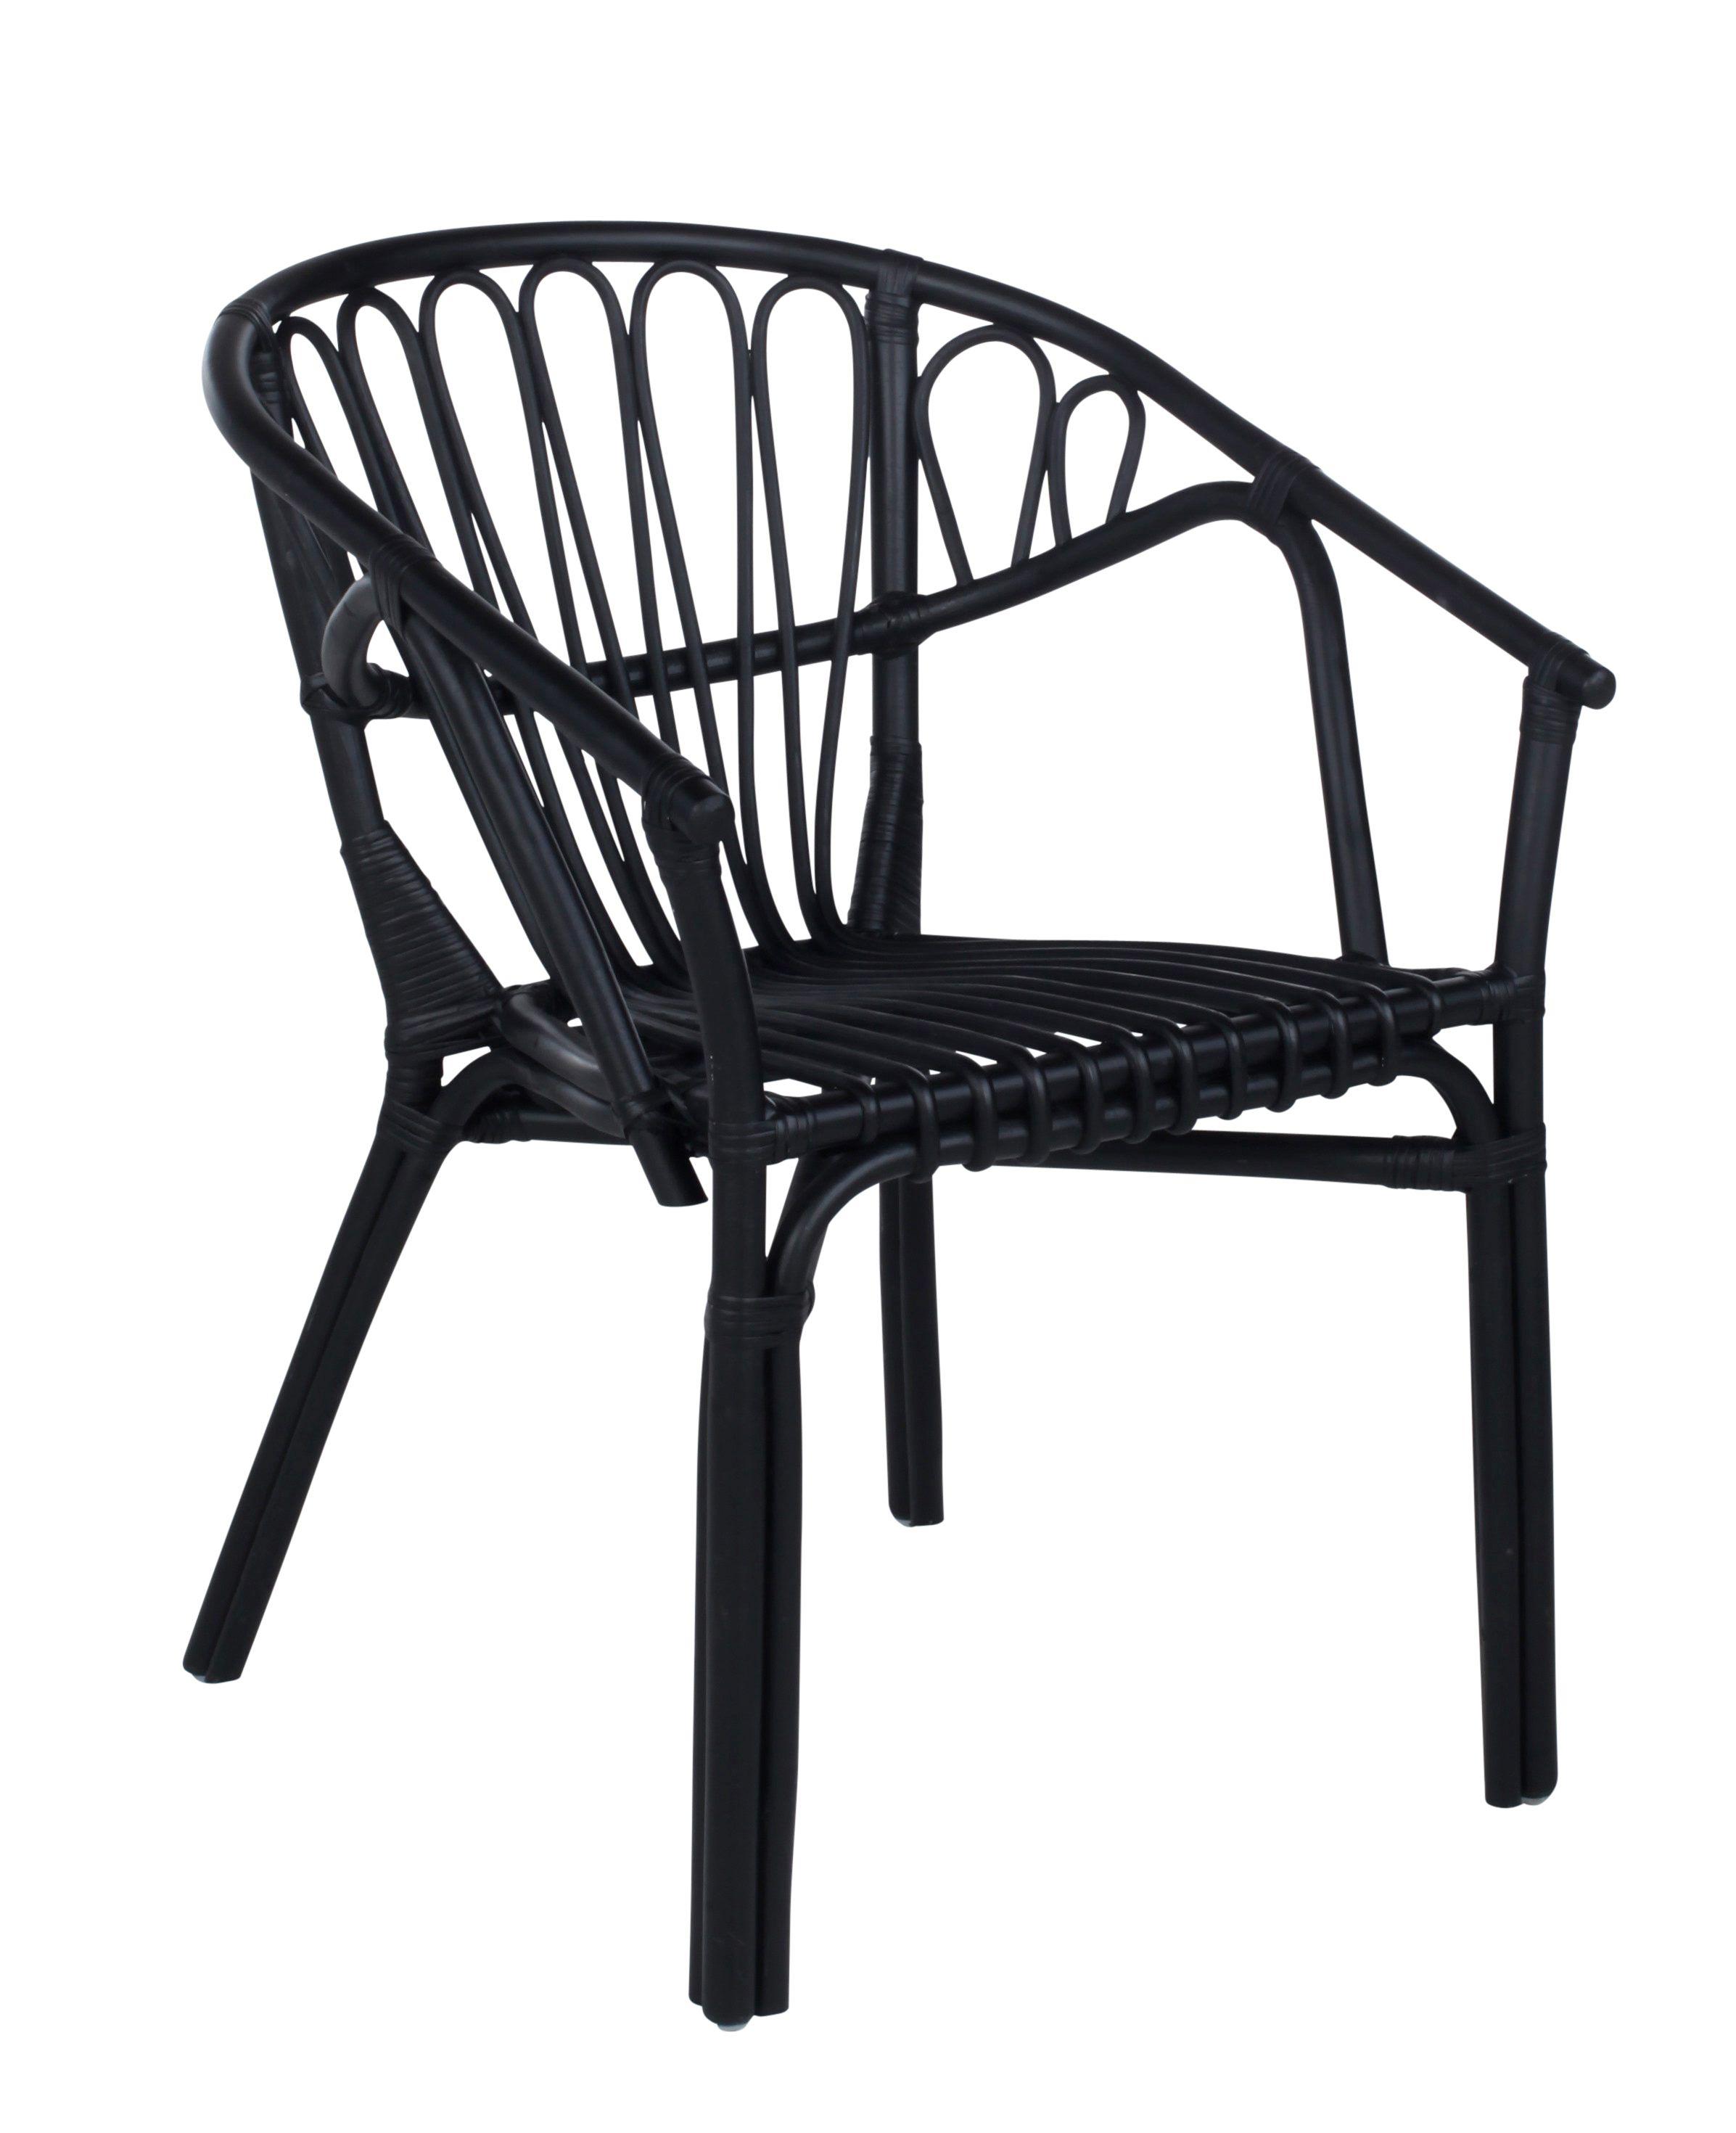 meilleures baskets 5e3e4 1a489 Fauteuil GOA Rotin noir | Jungle Deco | Outdoor chairs ...